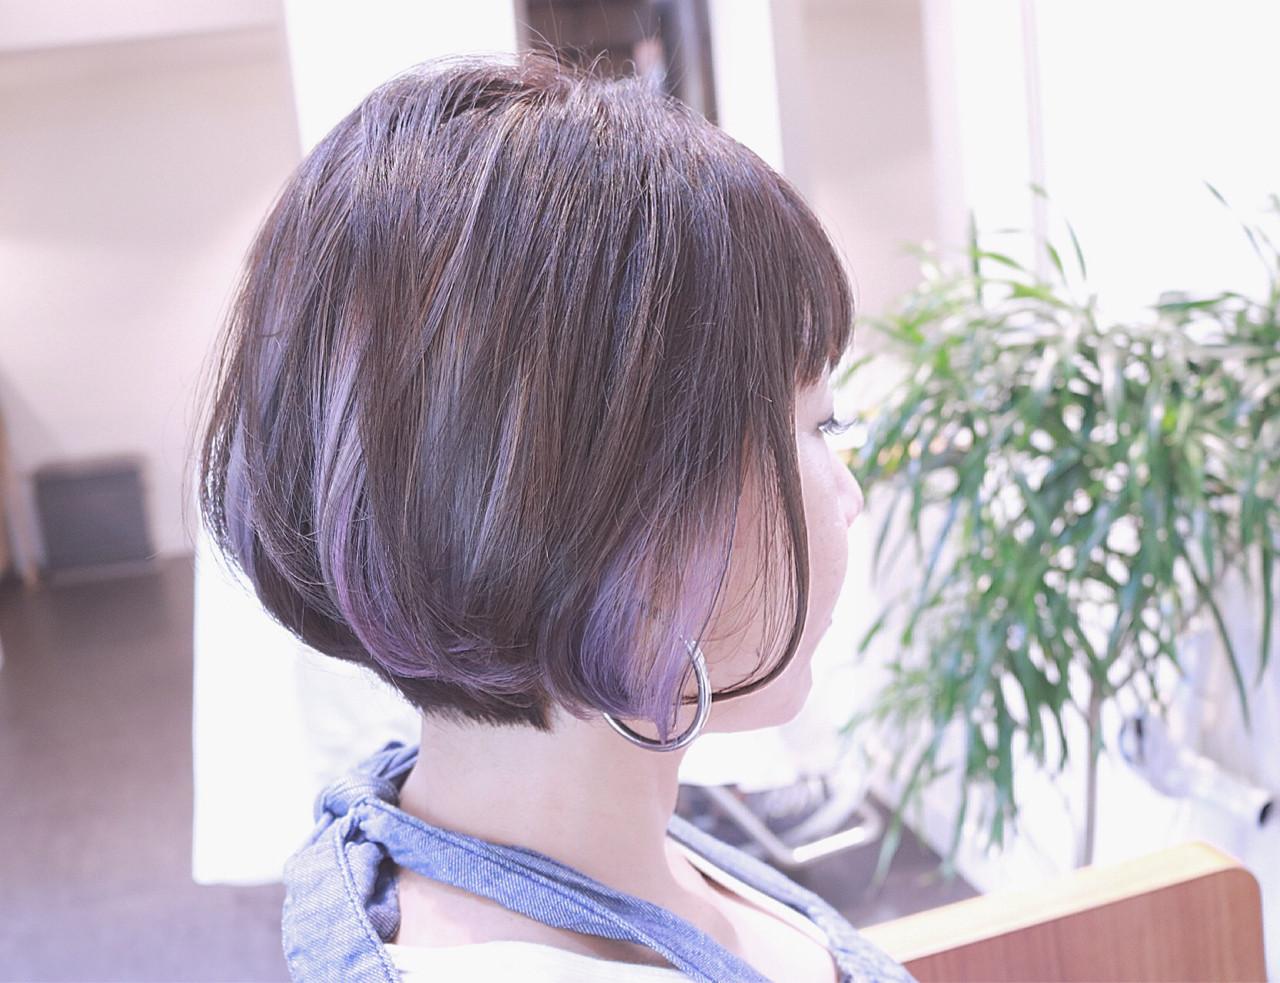 ストリート グラデーションカラー ボブ バレイヤージュヘアスタイルや髪型の写真・画像